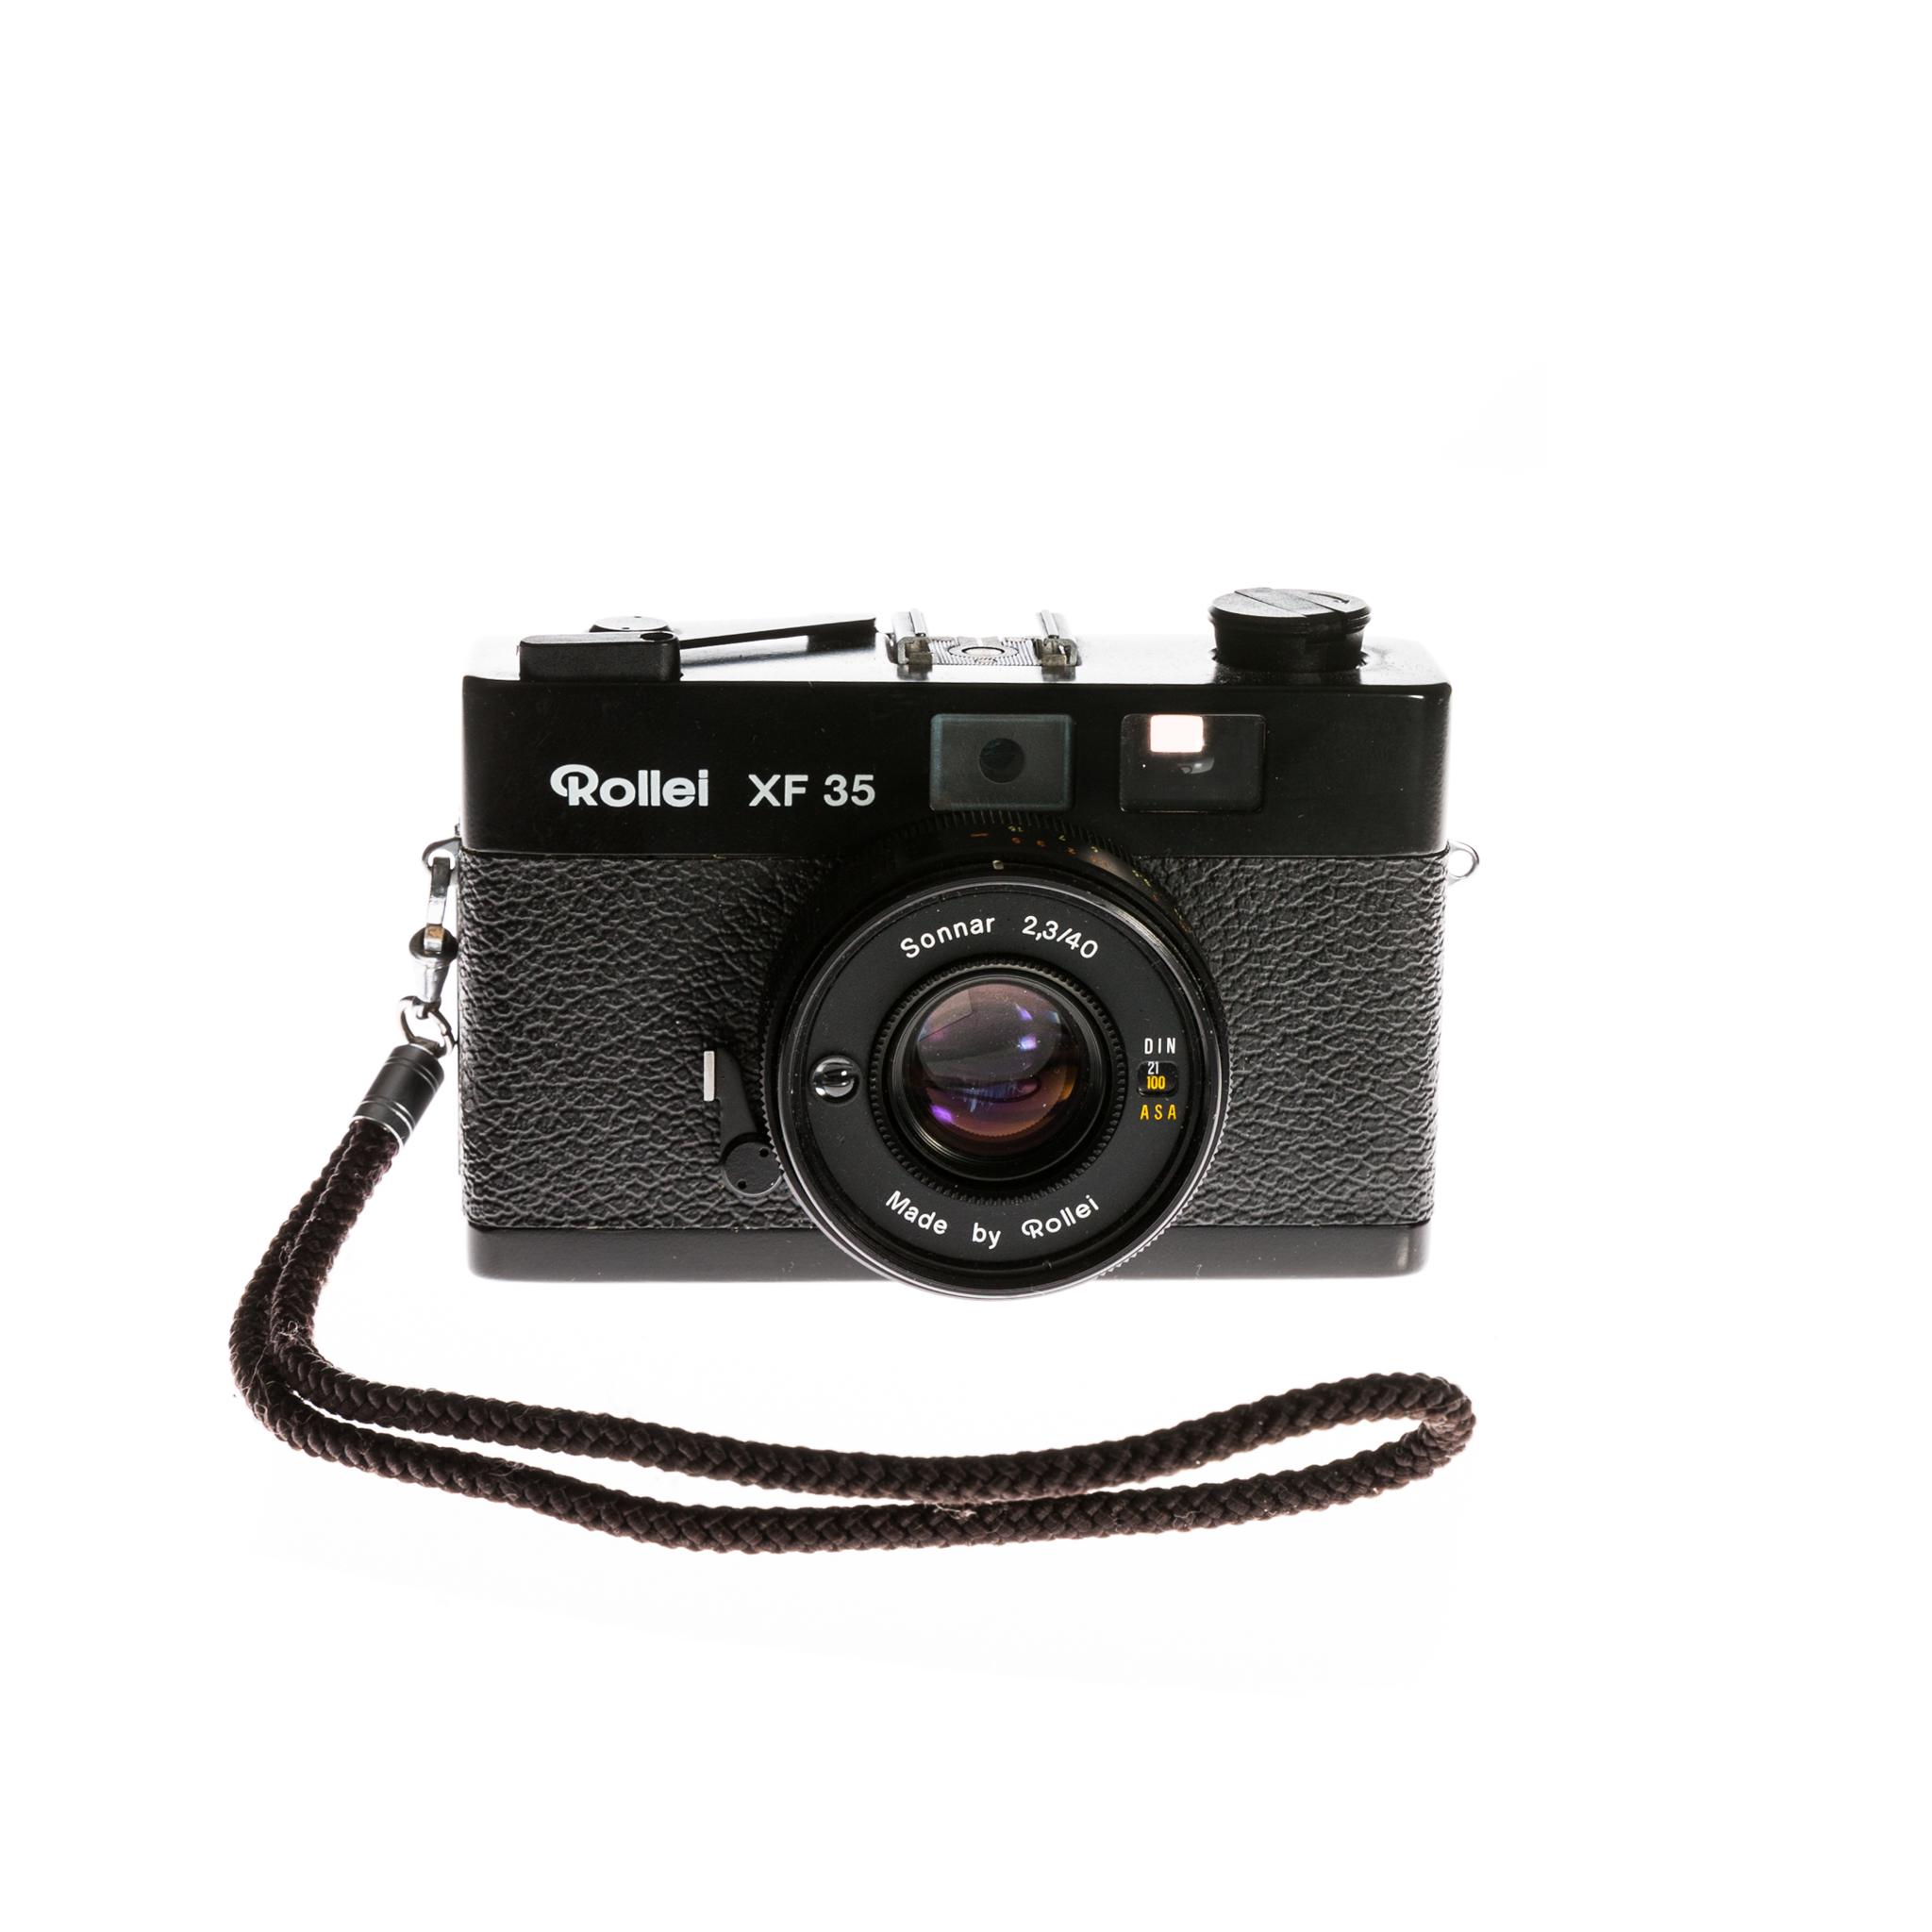 Rollei XF35 (1974)